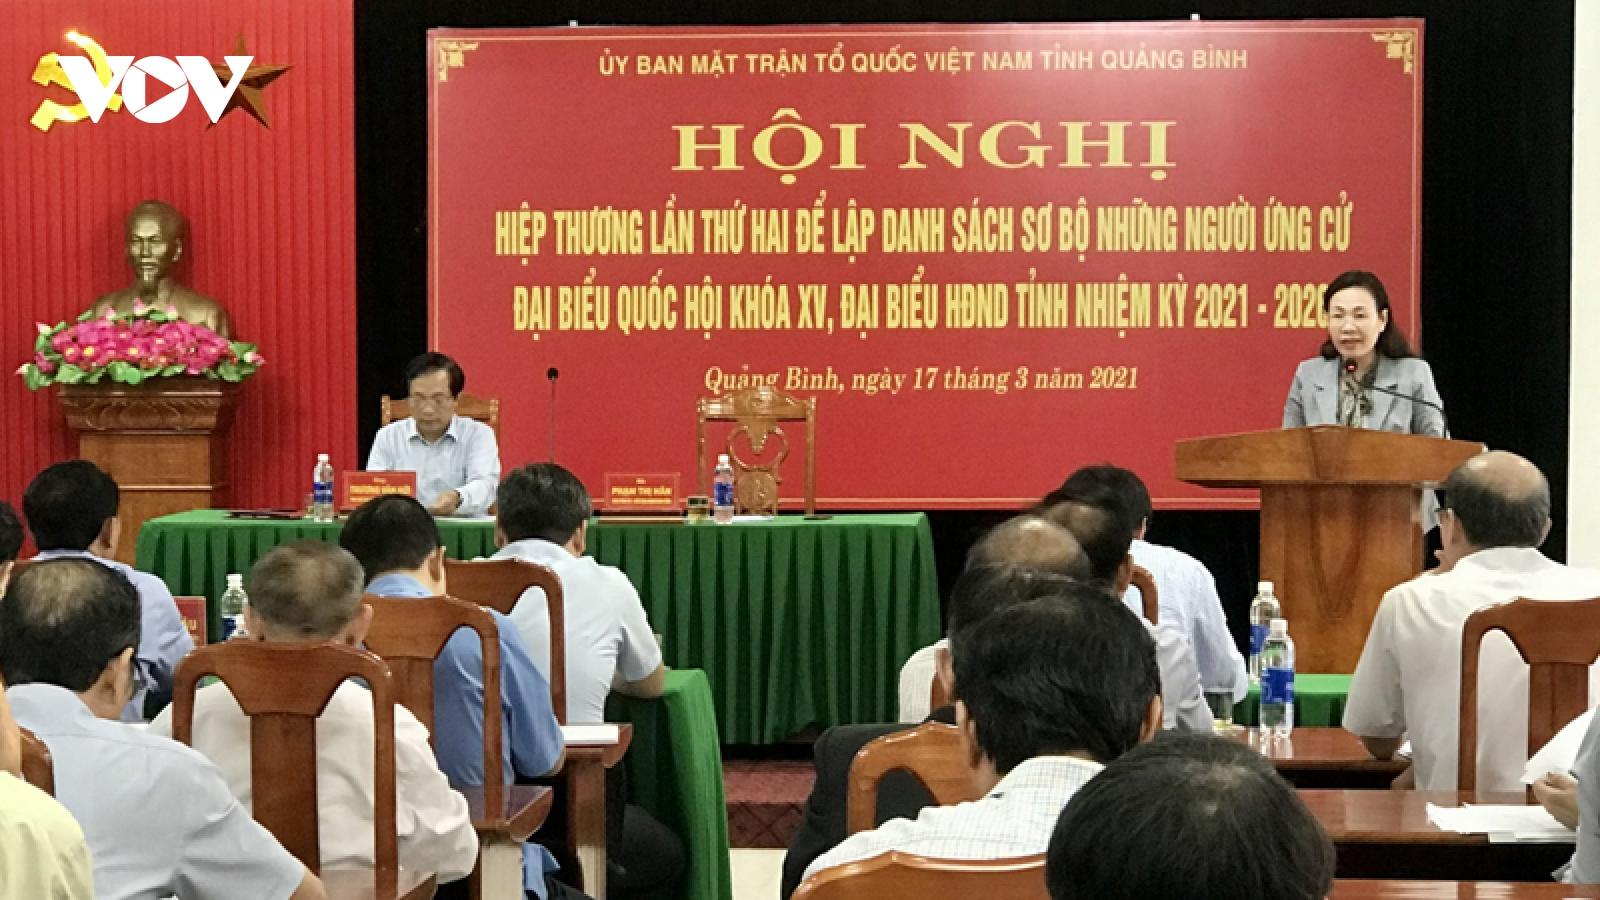 Quảng Bình: 5 trường hợp ứng cử HĐND xã, tỷ lệ tín nhiệm dưới 50%